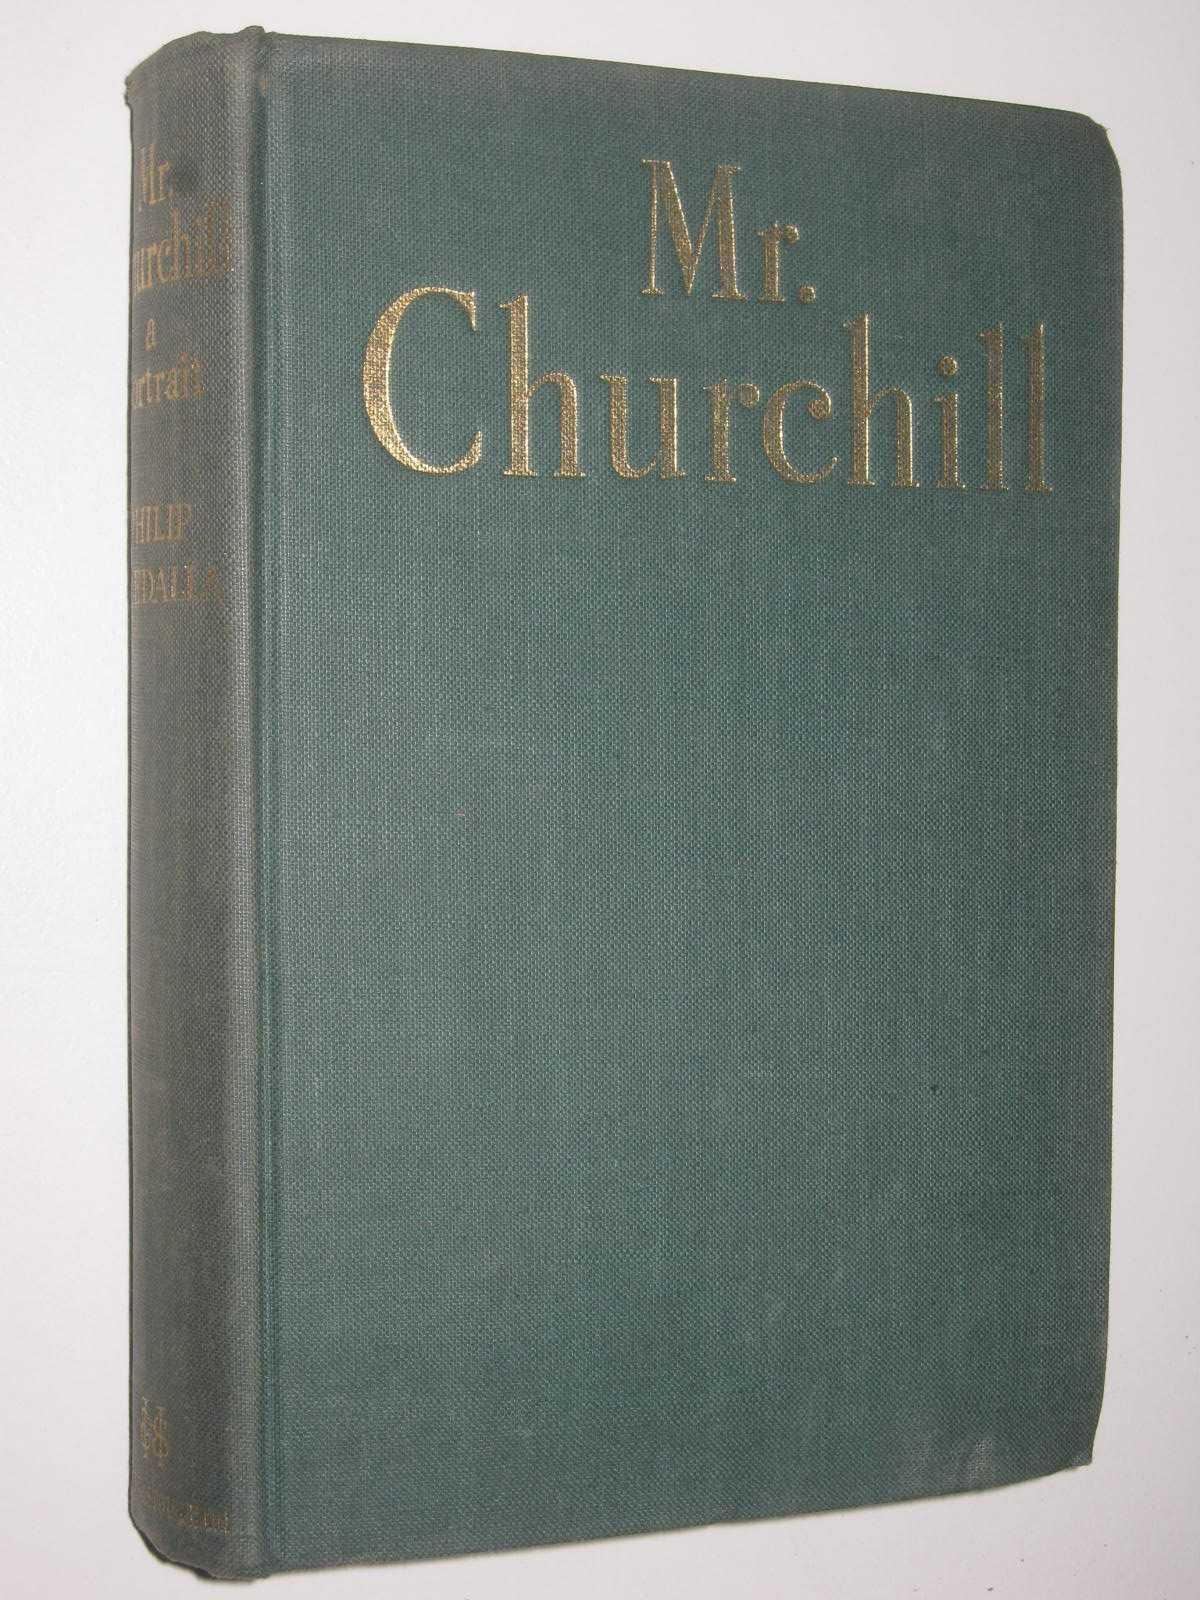 Image for Mr Churchill